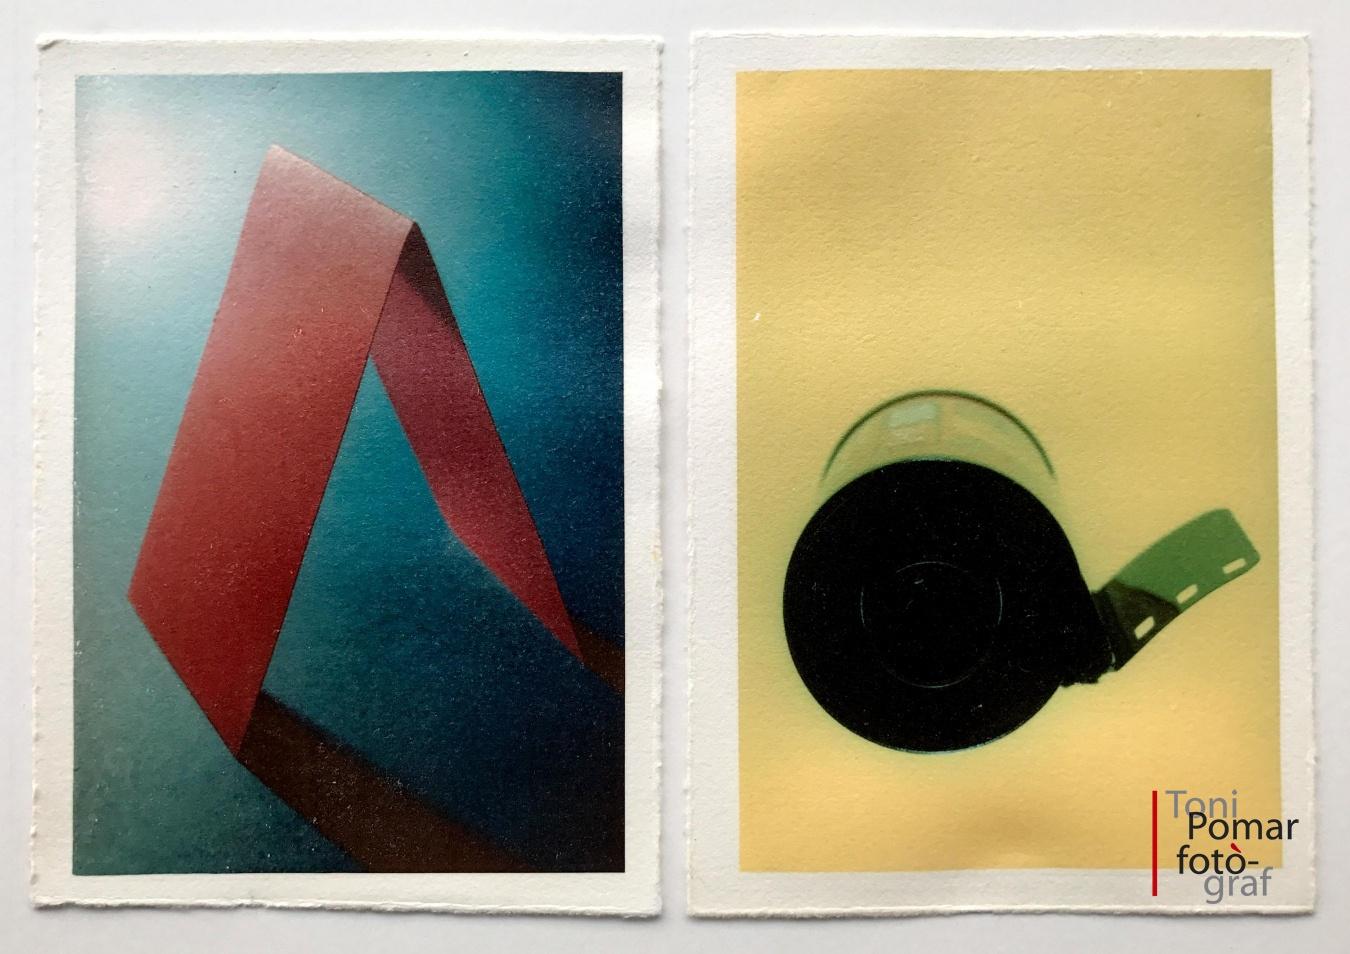 A - Cartolina doblegada en forma de prisma triangular   a- Rodet de pel·lícula de pas universal - Alfabet - Toni Pomar. Alfabet